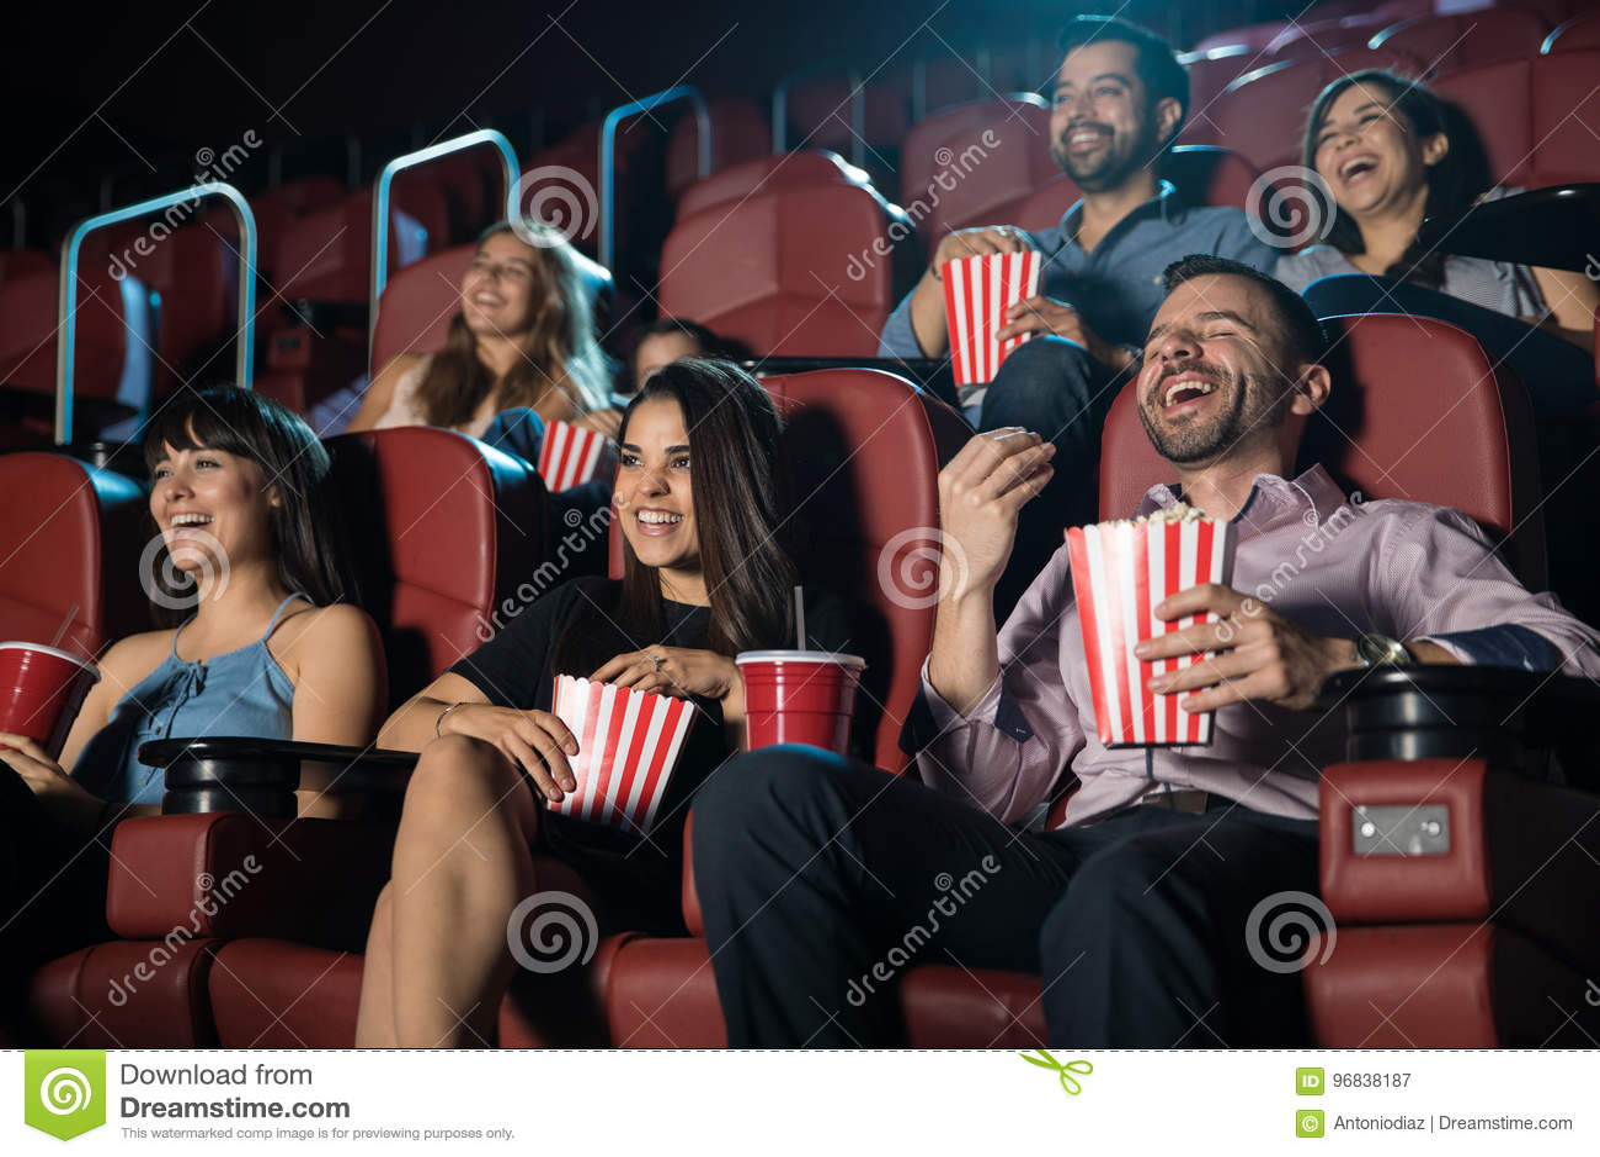 Ομάδα ανθρώπων που γελά στη κινηματογραφική αίθουσα